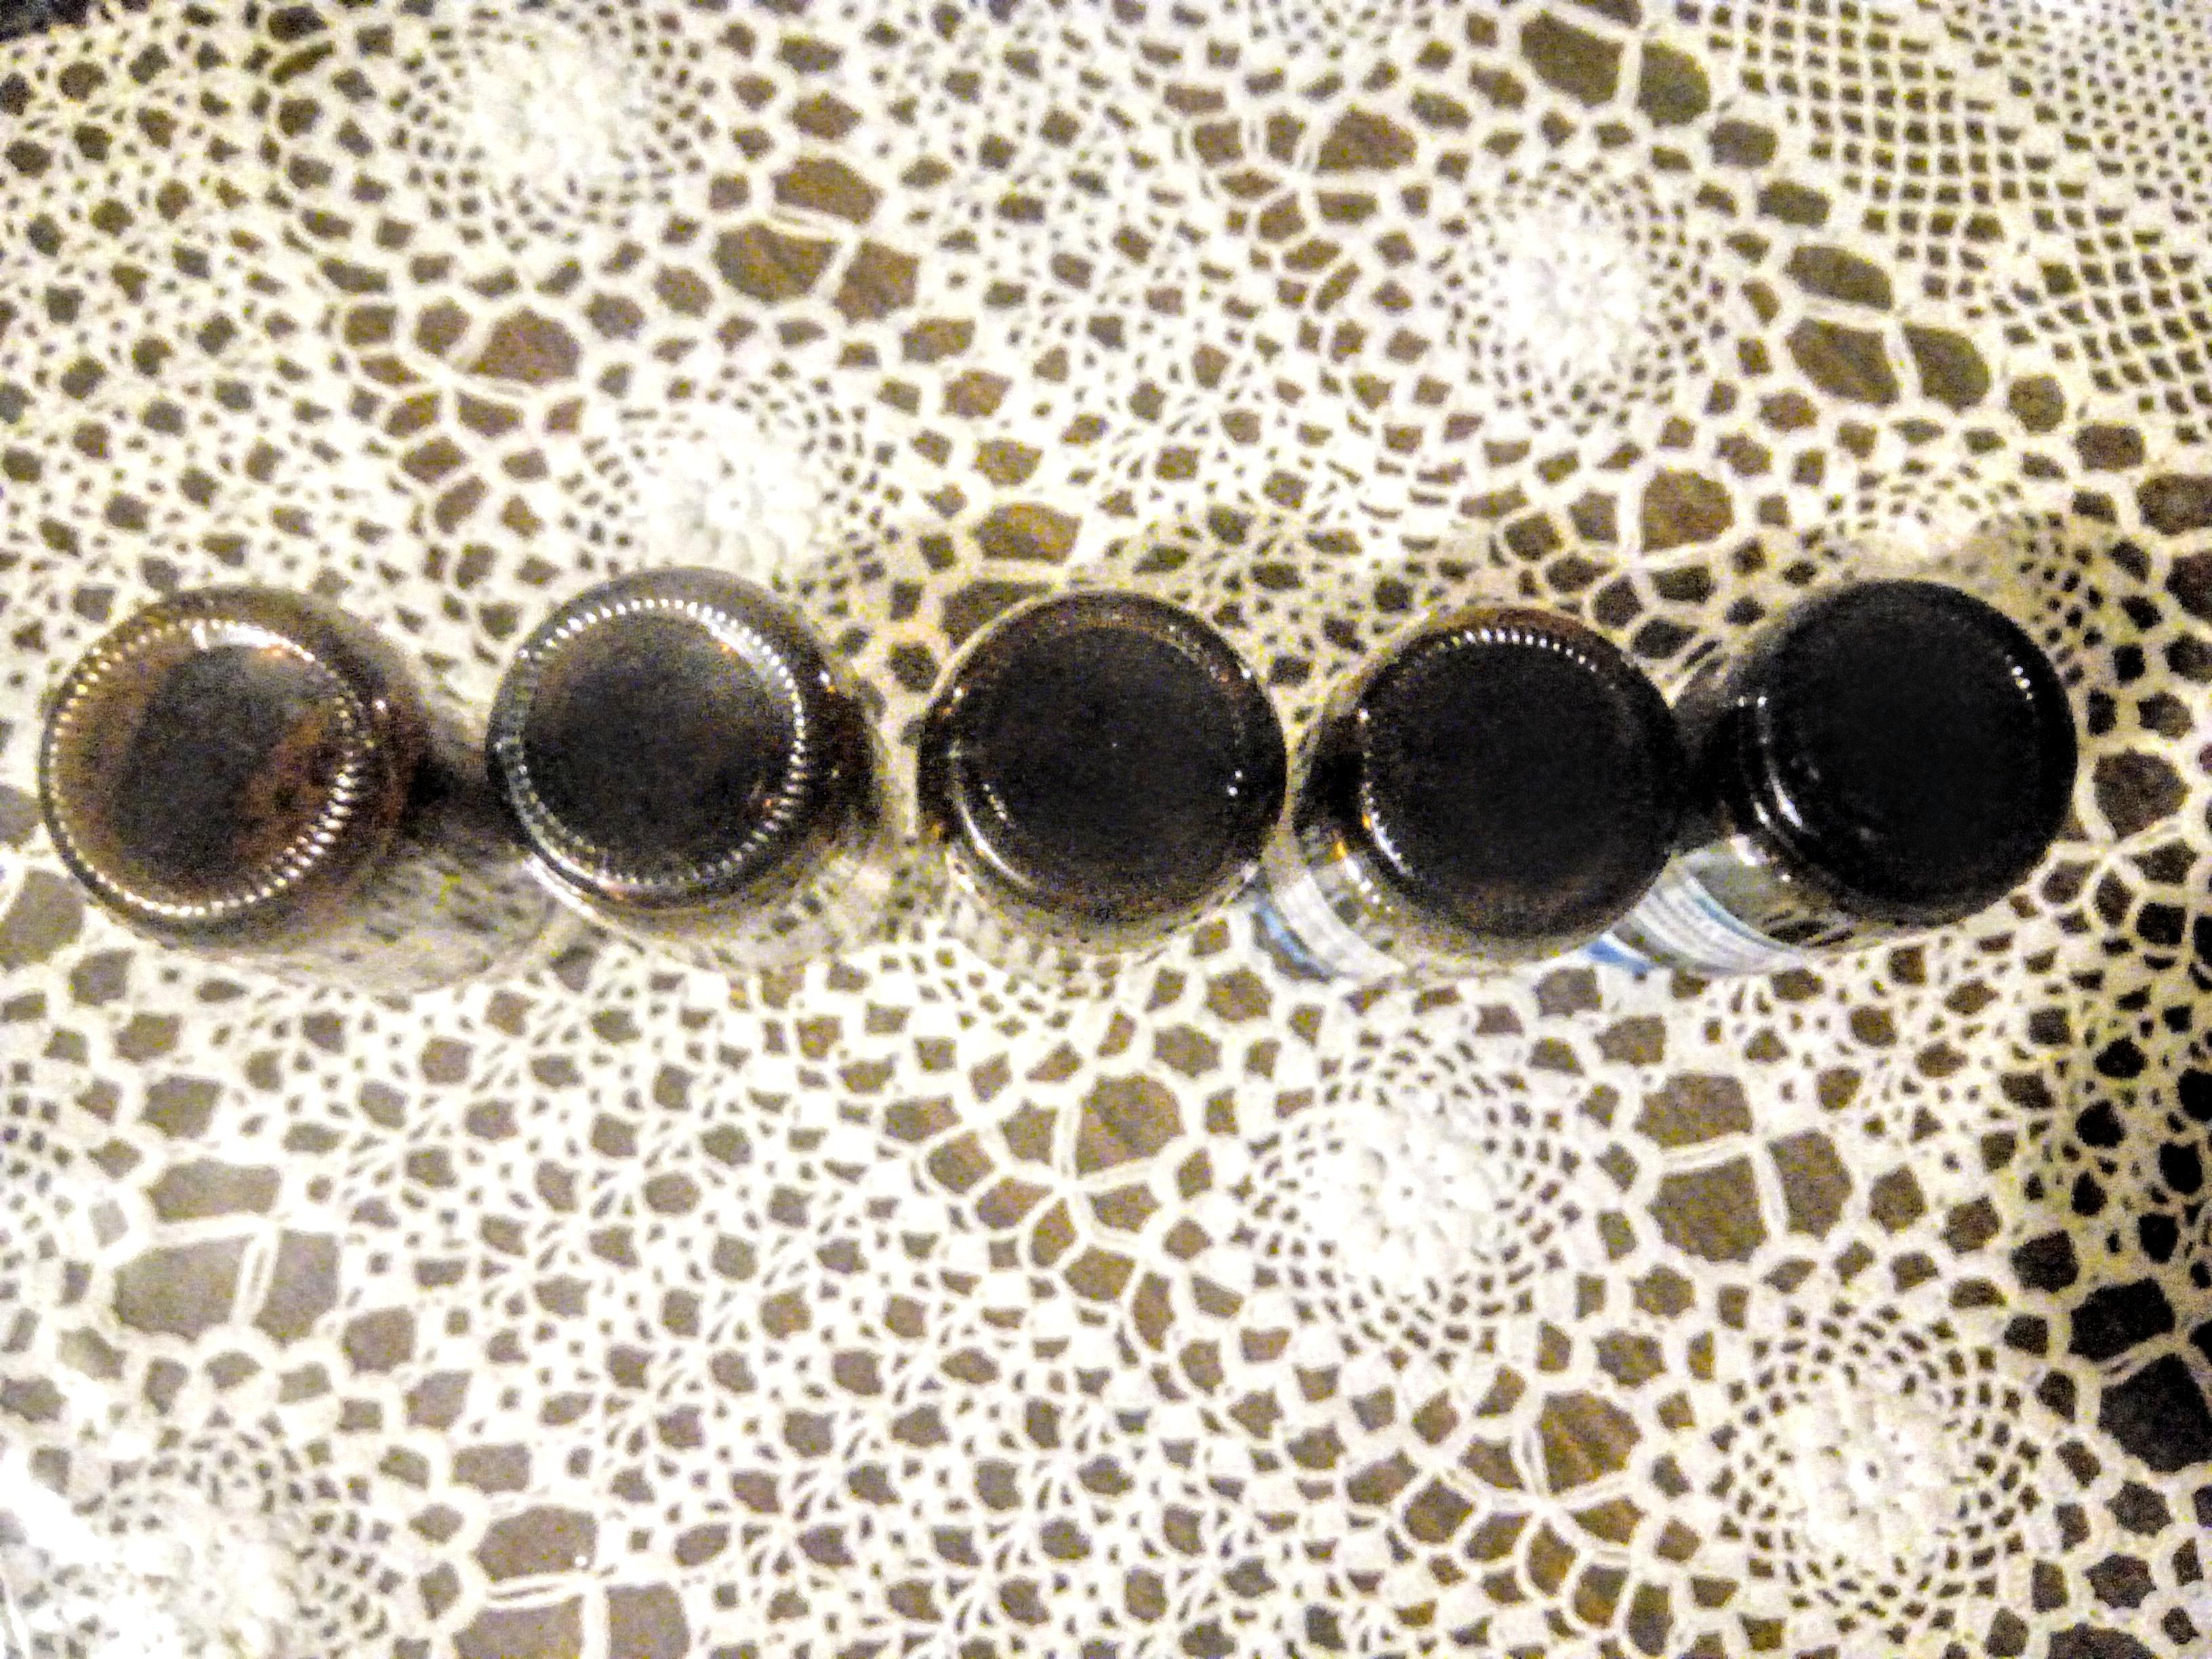 troc de troc 5 flacons vides en verre marron image 2